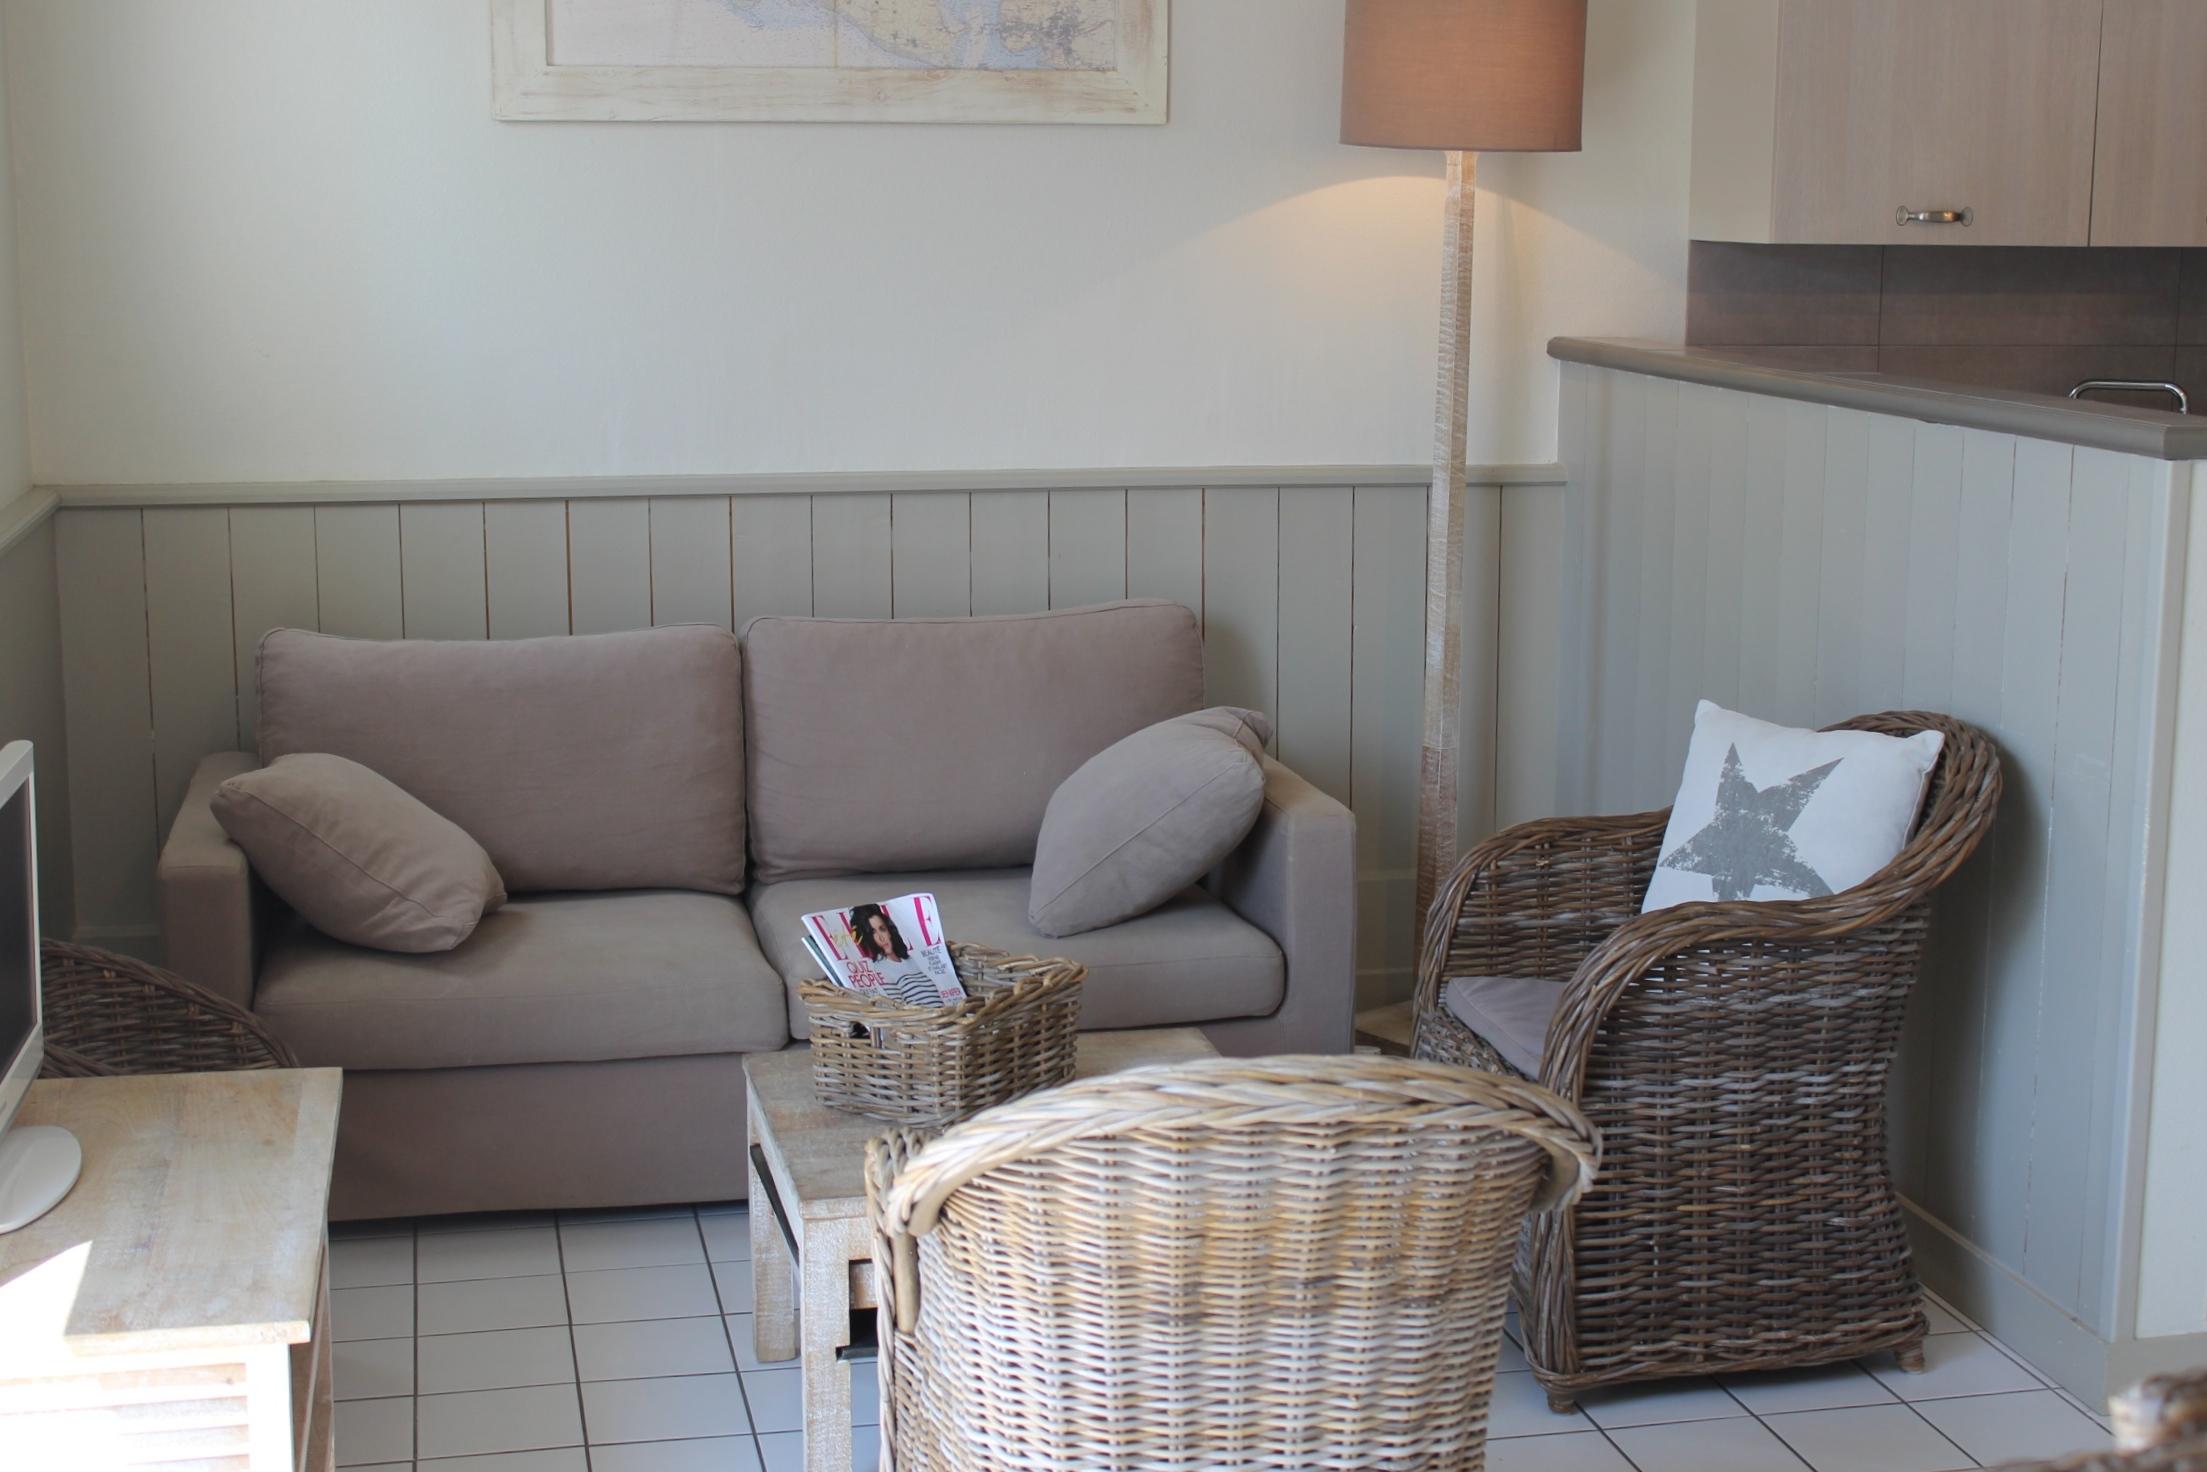 MAISON 3 CHAMBRES - La Couarde sur mer - A partir de 910 €/semaine